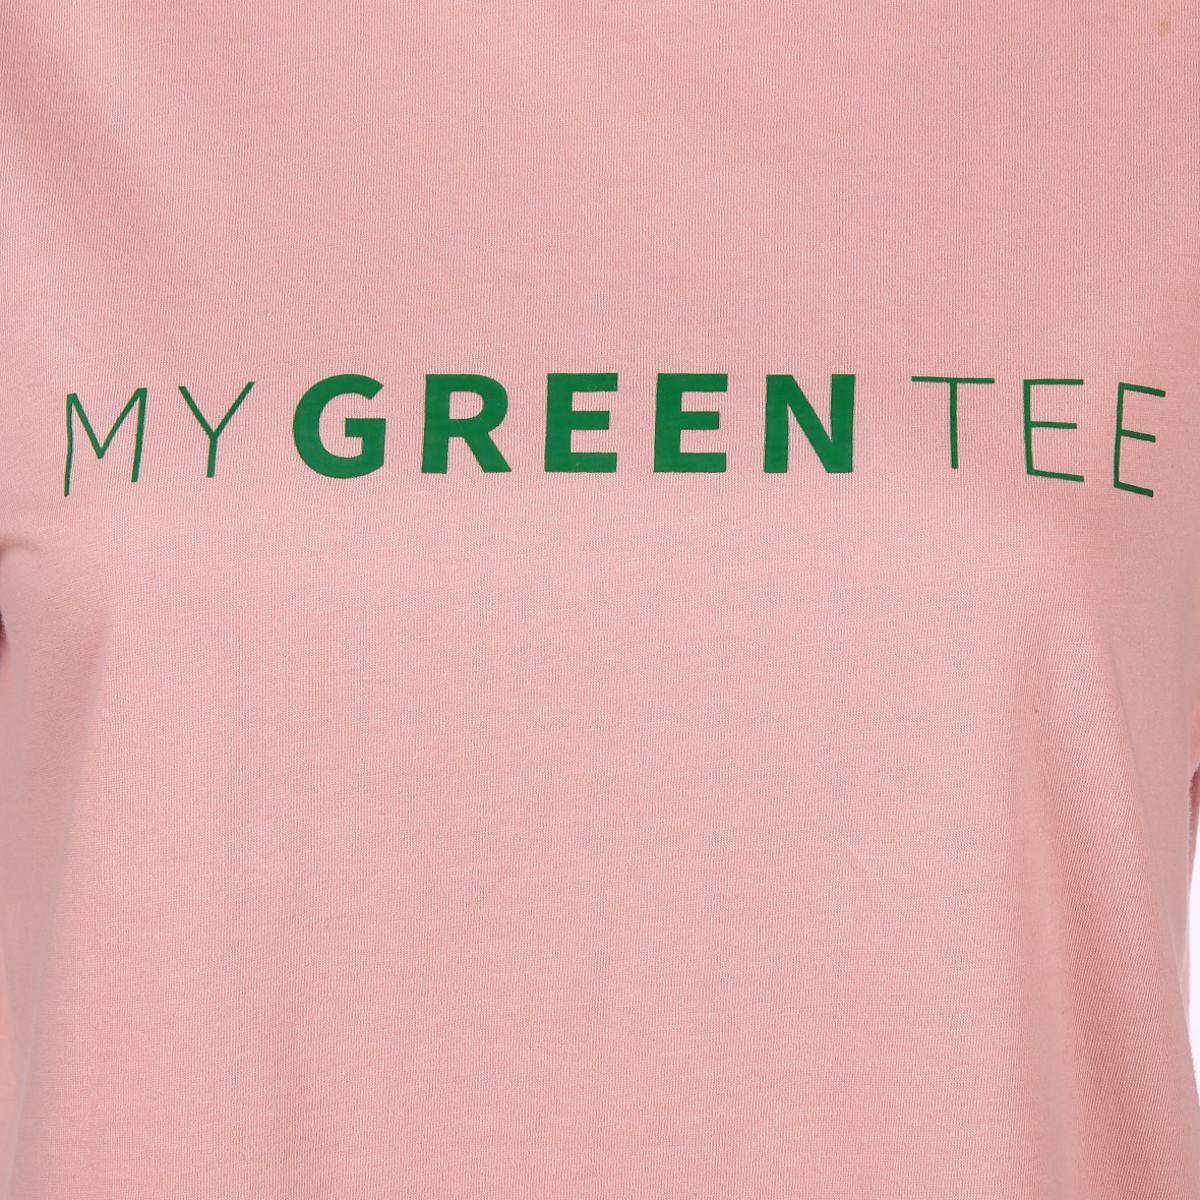 Bild 3 von Damen Only Shirt mit Wording Print